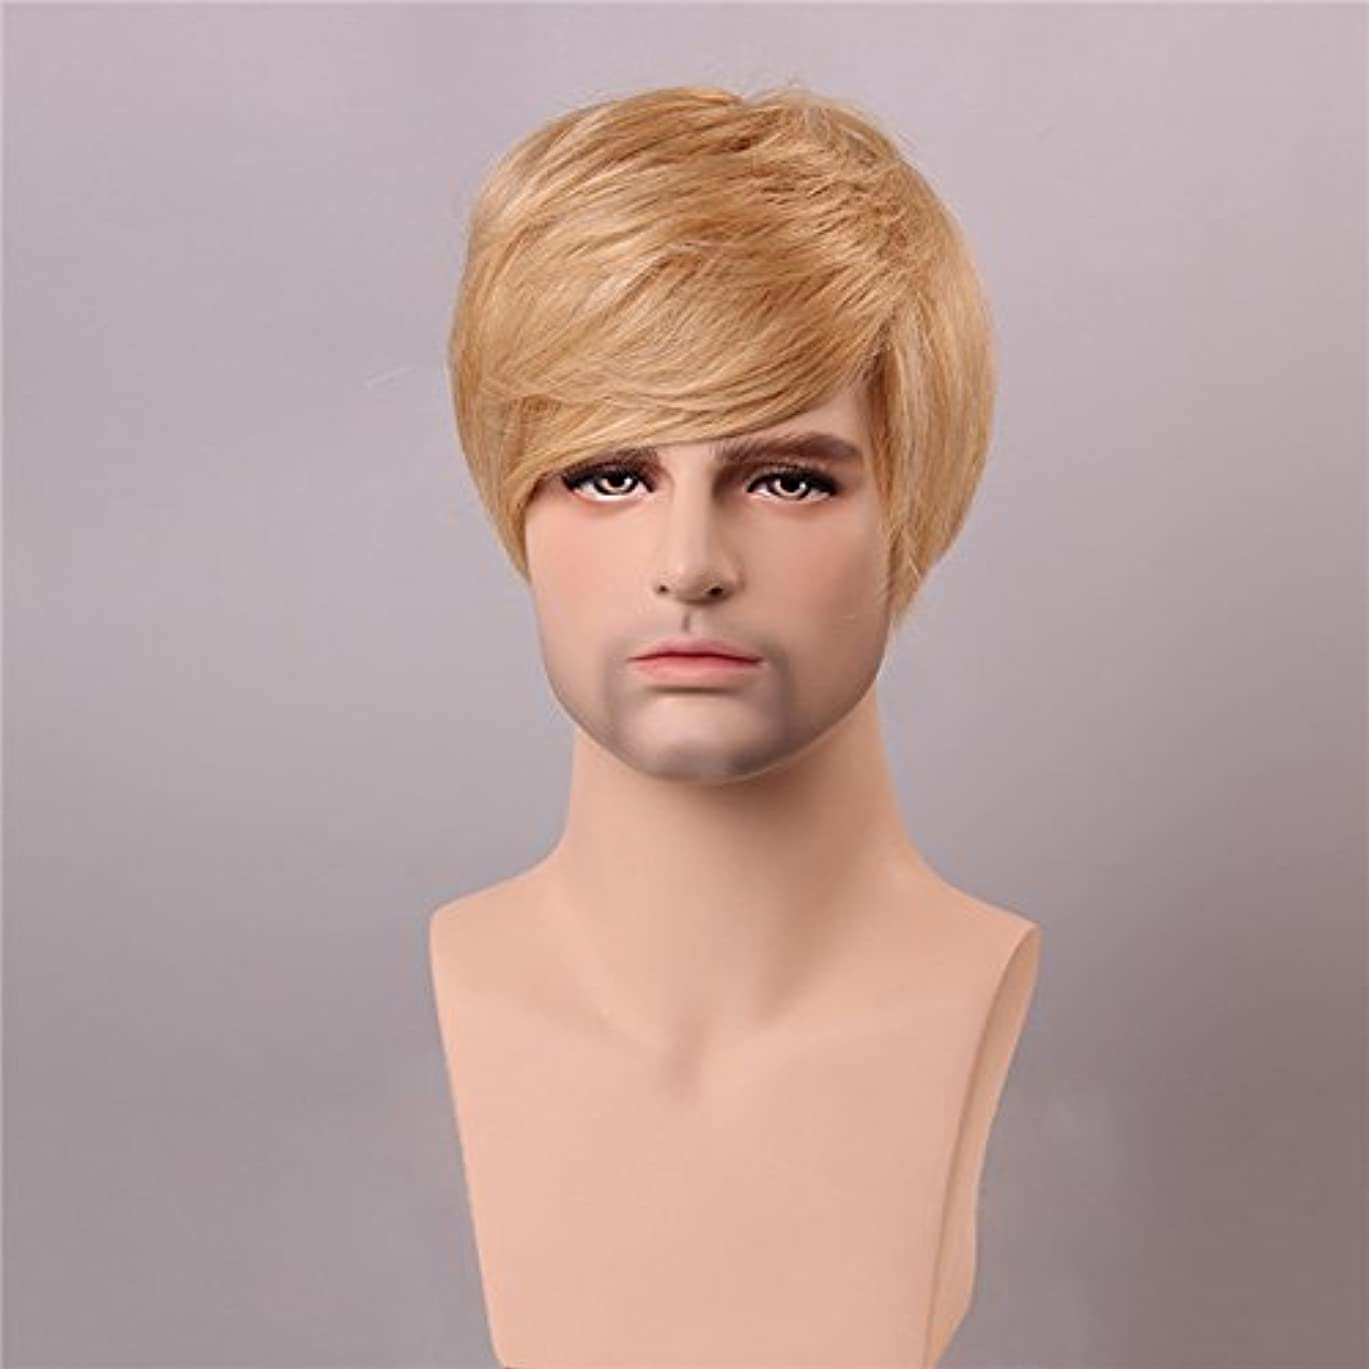 暫定エンジニアリングすべきYZUEYT ブロンドの男性短いモノラルトップの人間の髪のかつら男性のヴァージンレミーキャップレスサイドバング YZUEYT (Size : One size)